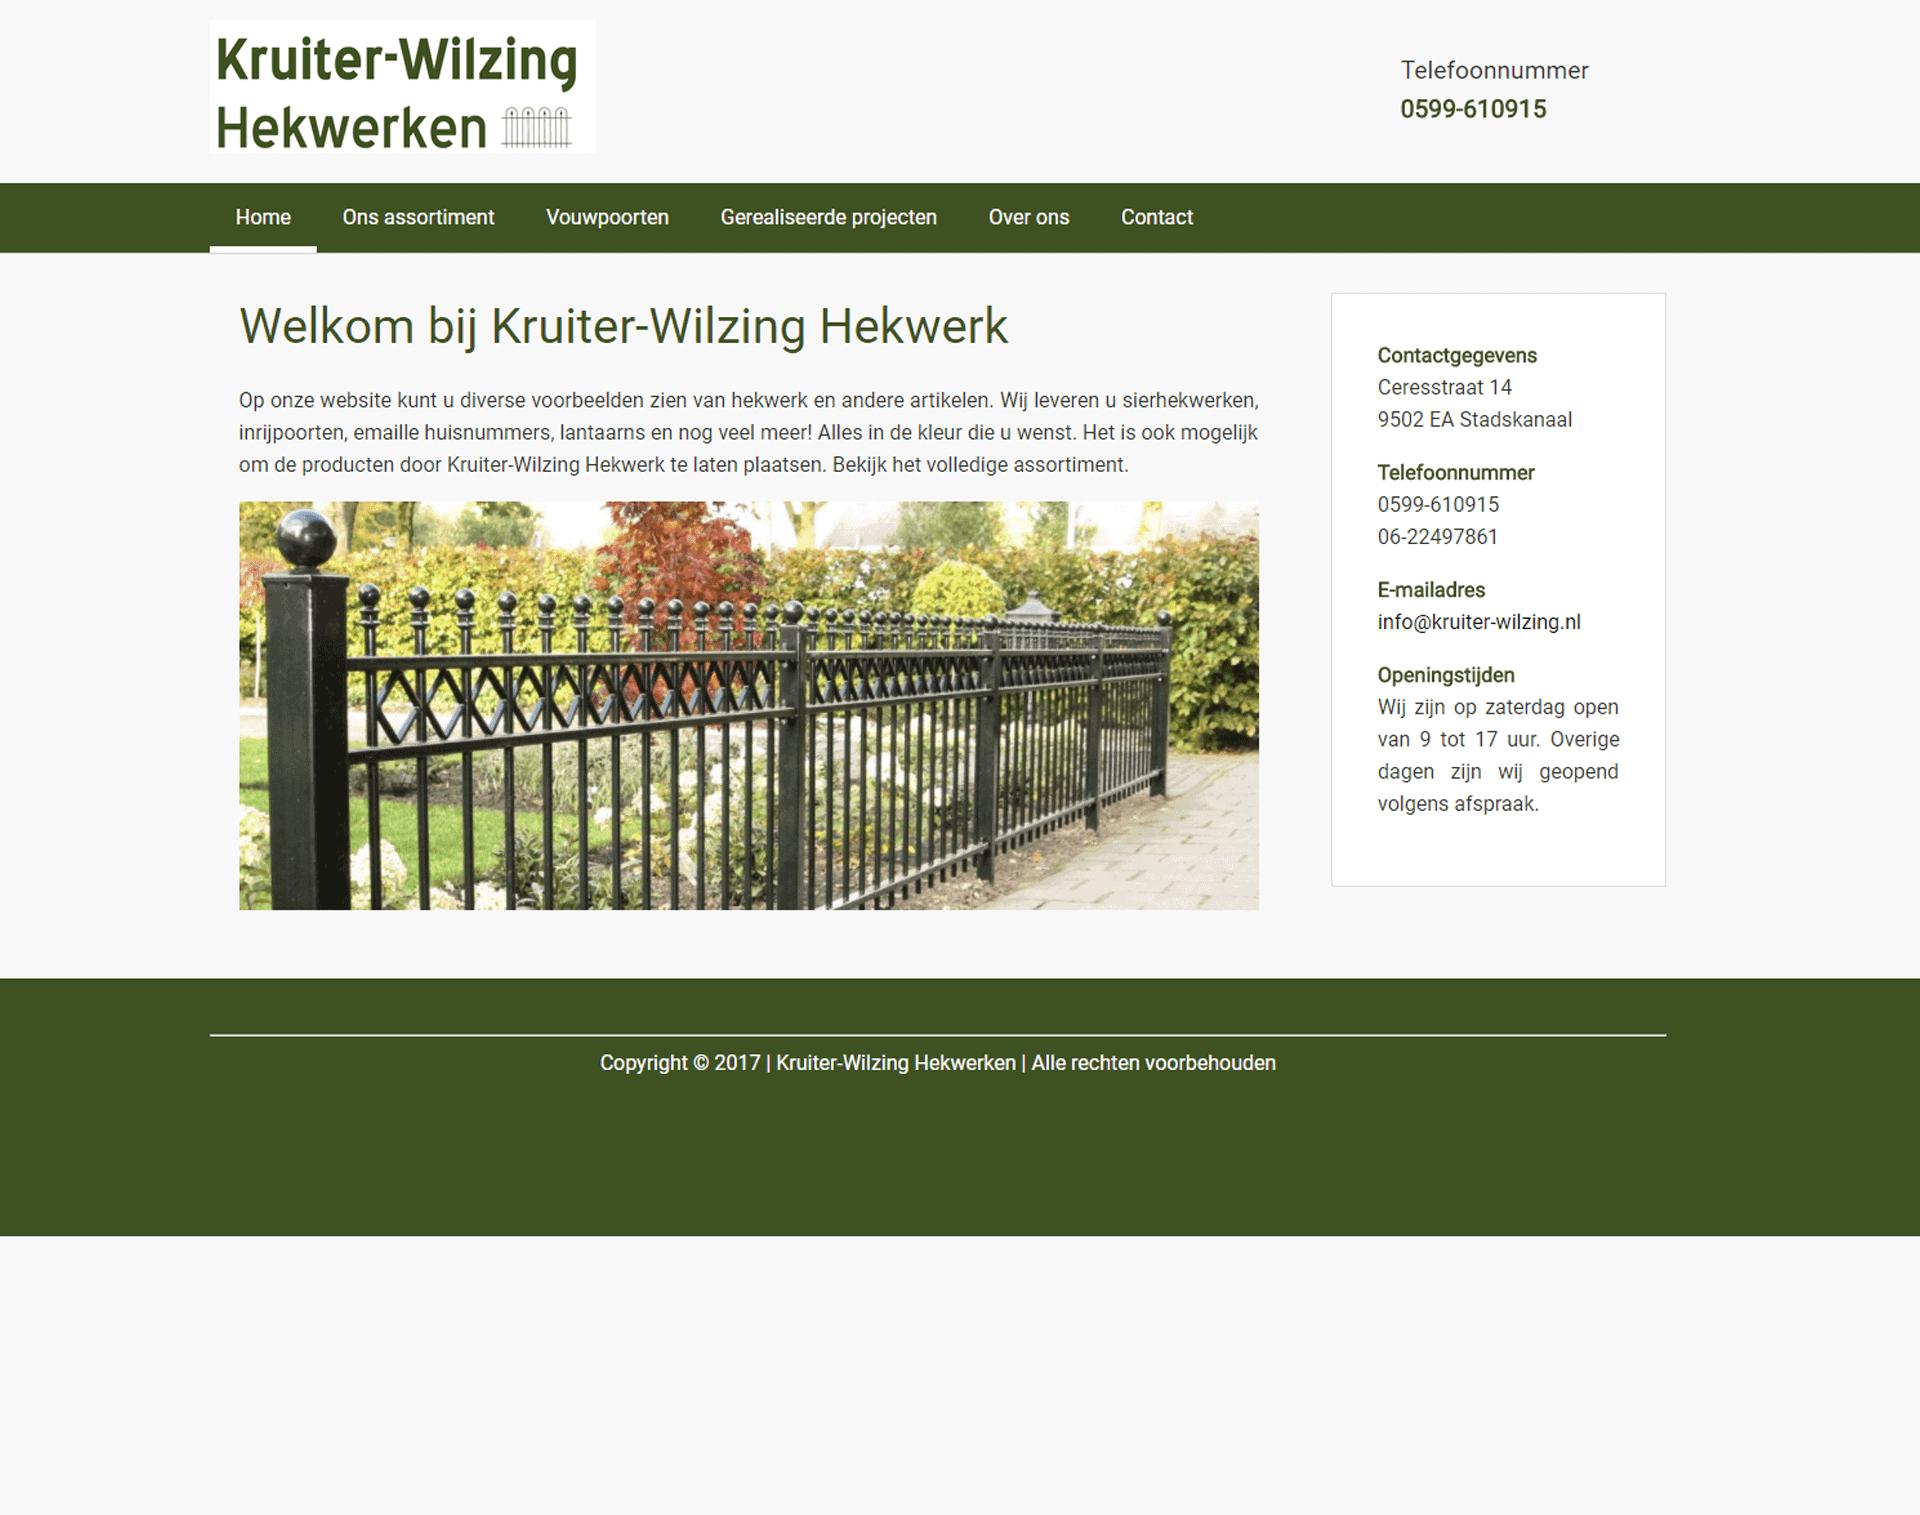 Kruiter-Wilzing Hekwerken